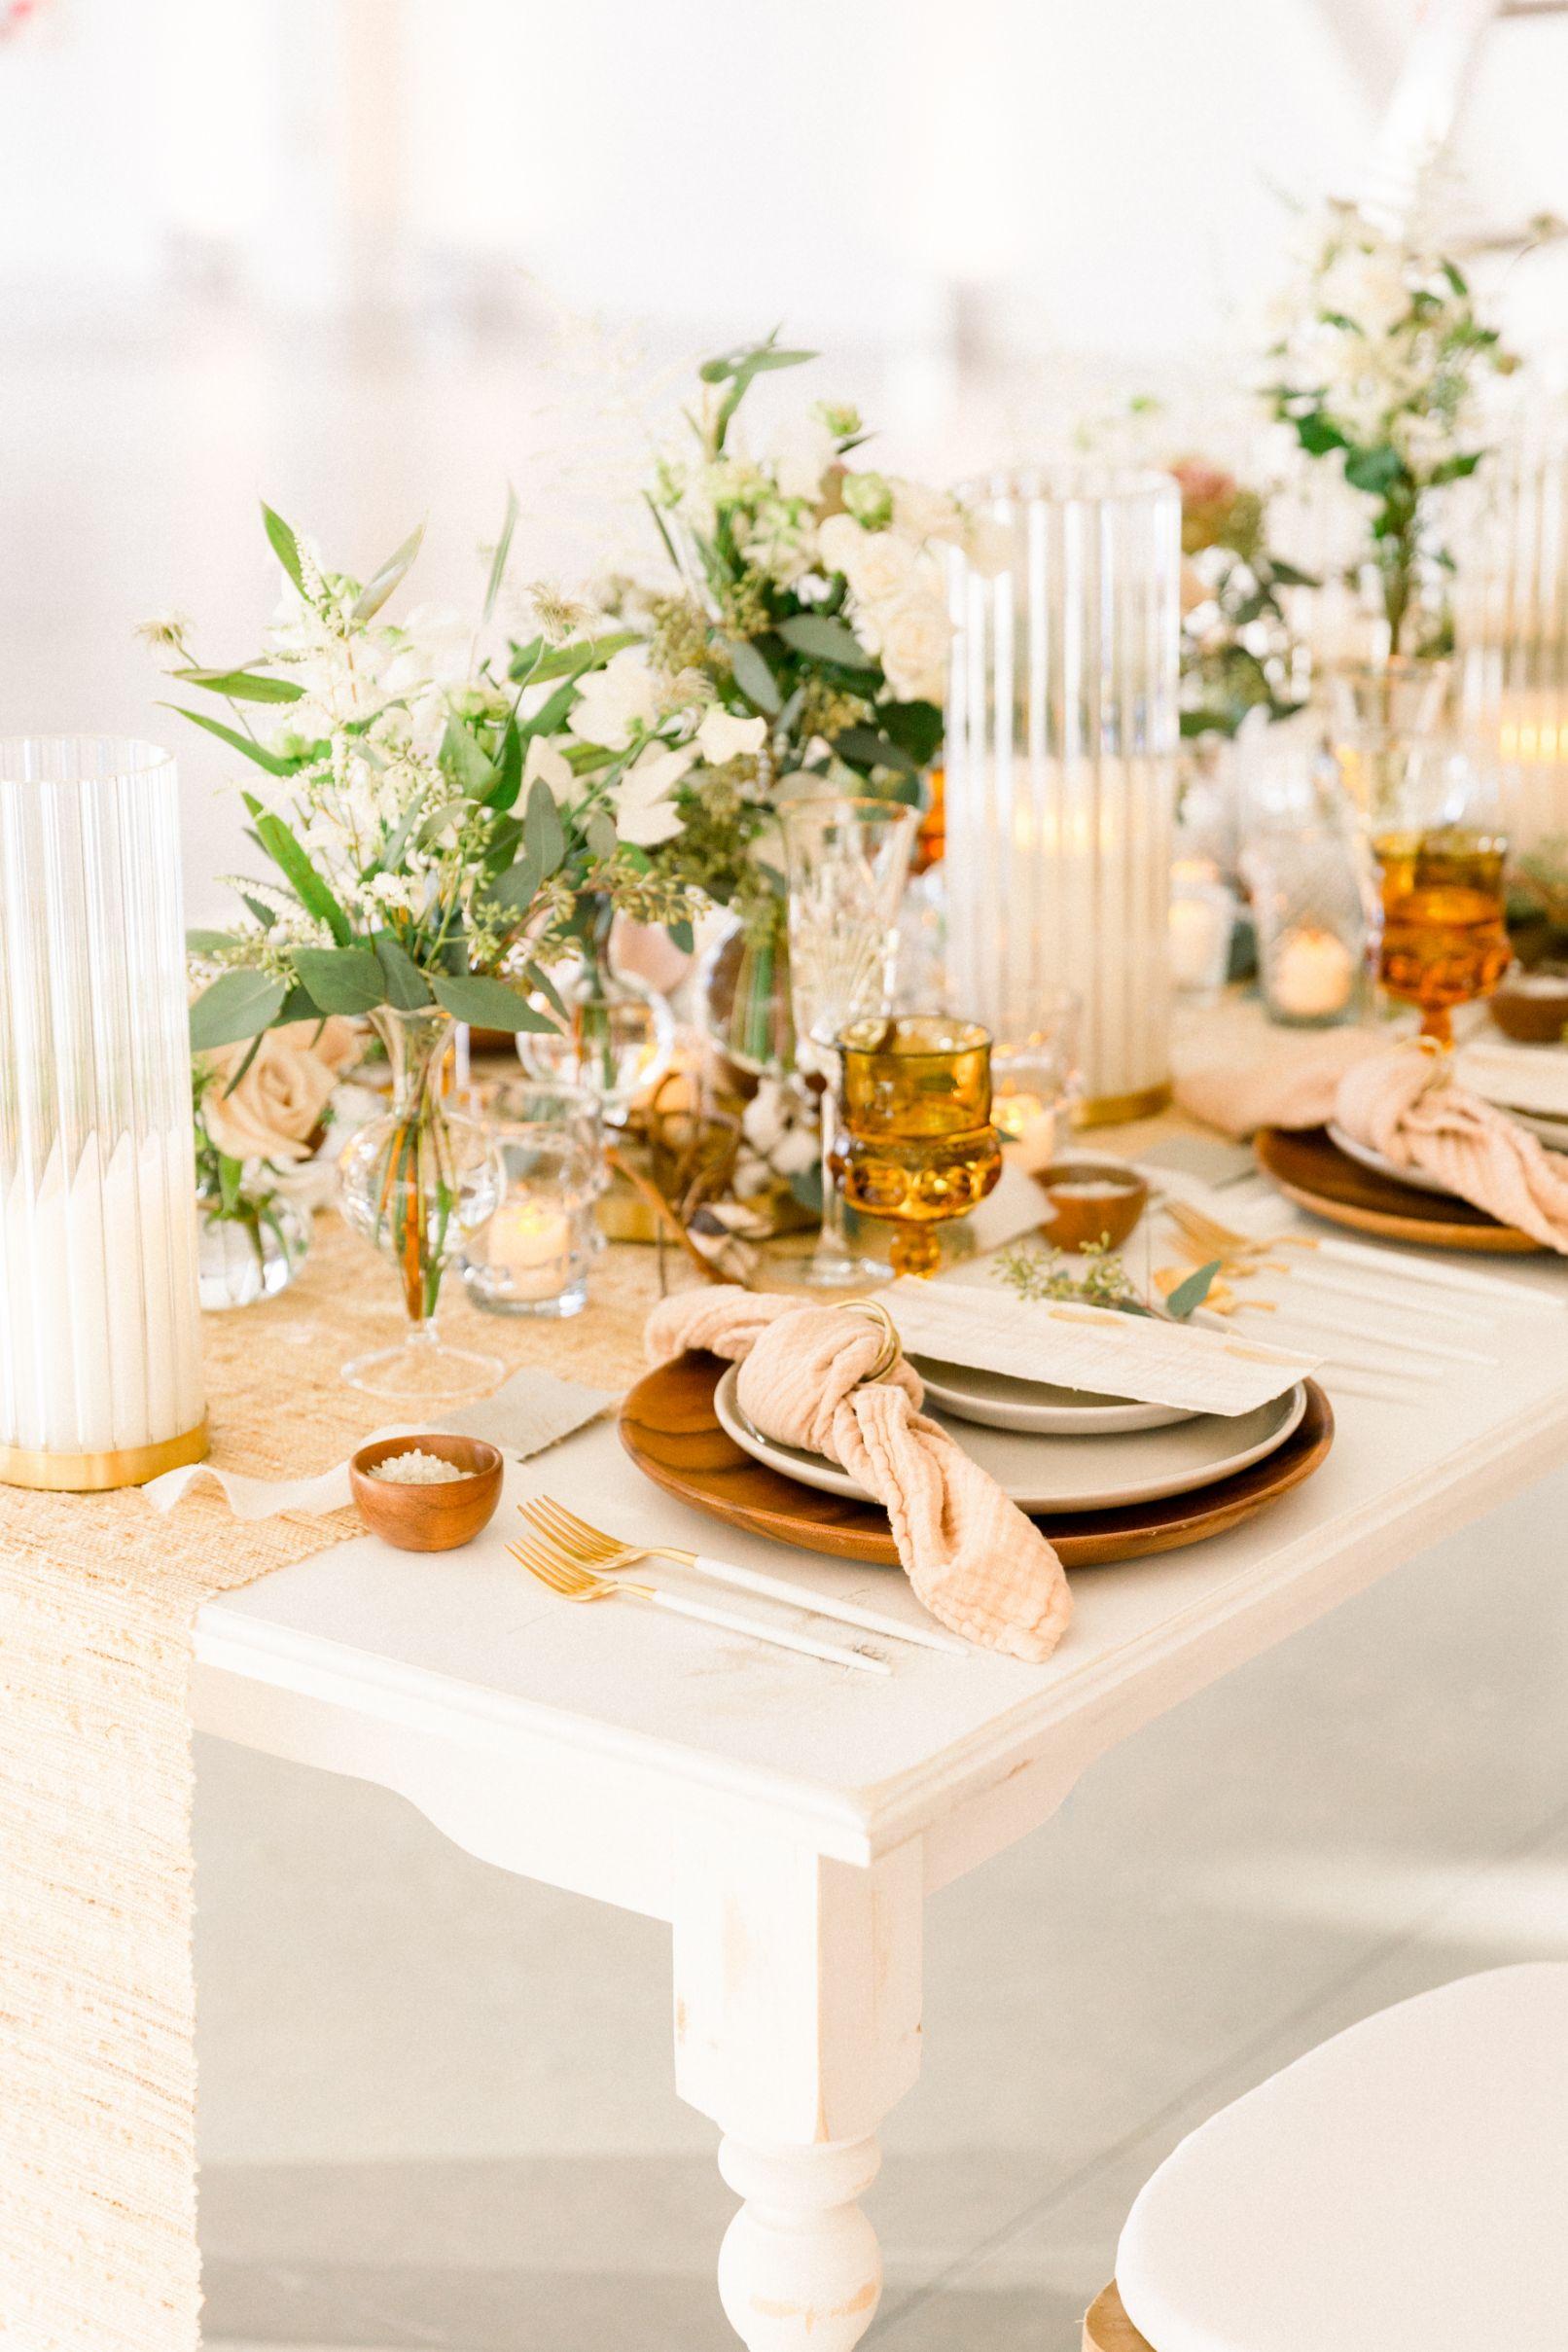 artists-for-humanity-industrial-bohemian-wedding-daylynn-designs14.jpg